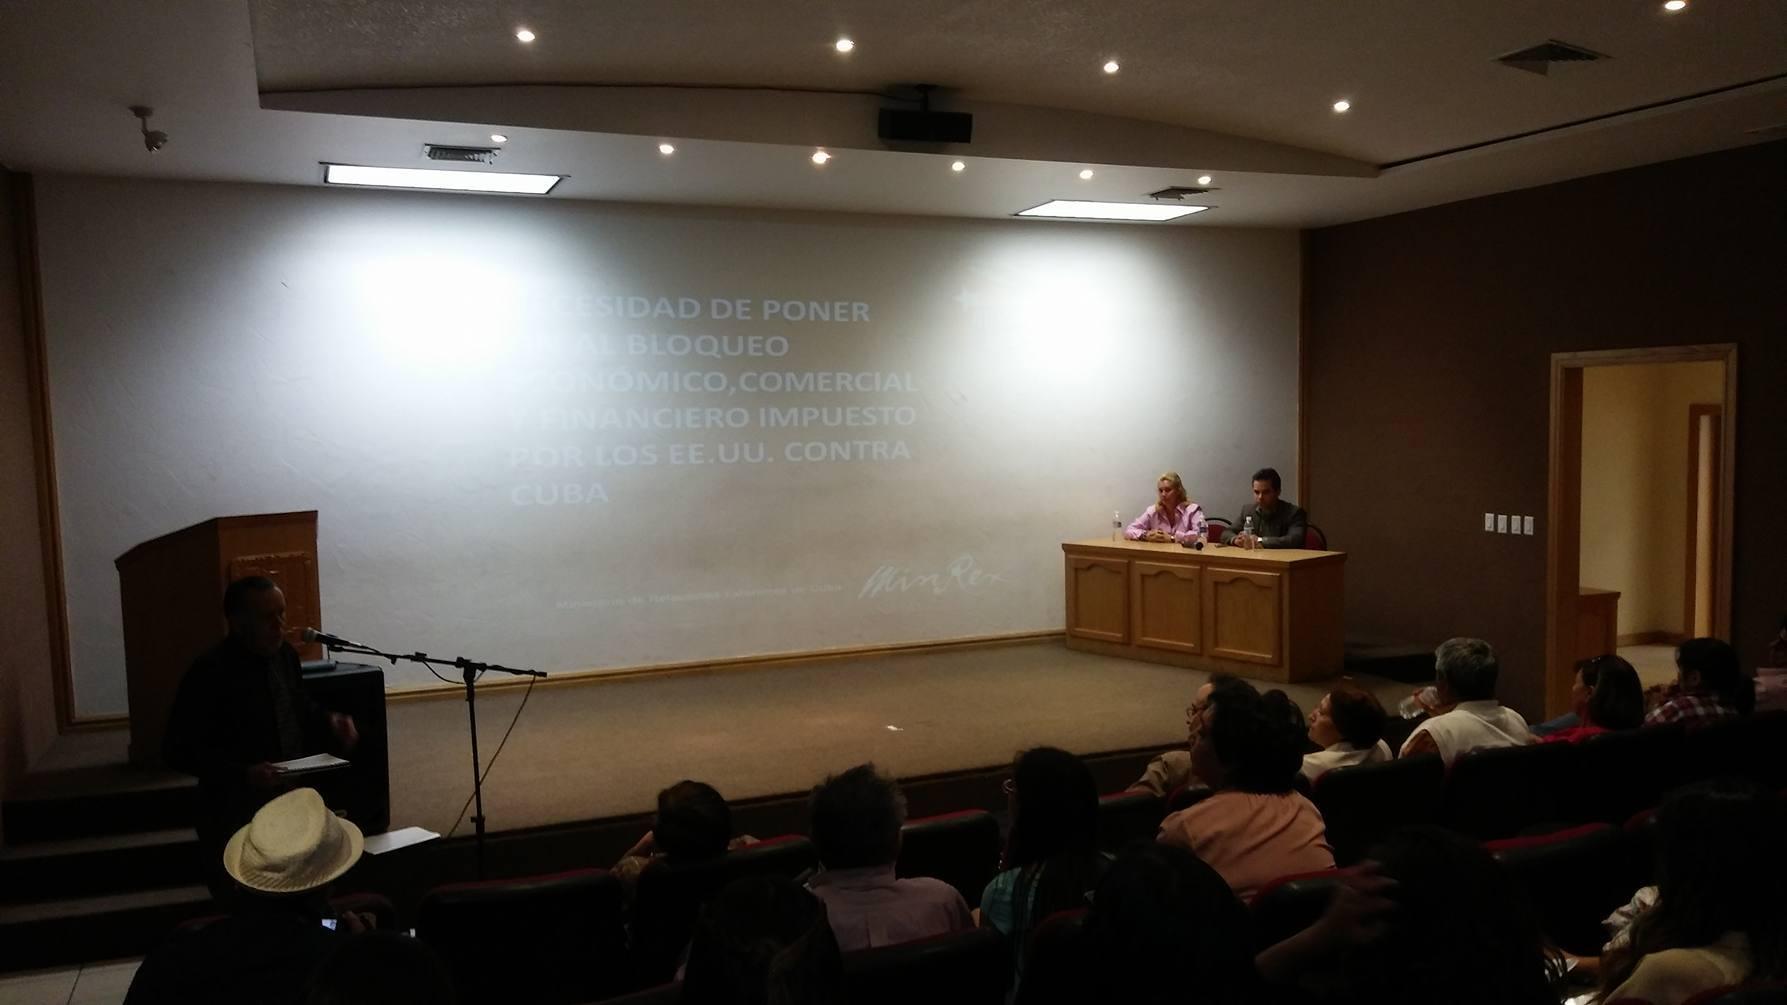 Plática acerca del desarrollo económico en Cuba